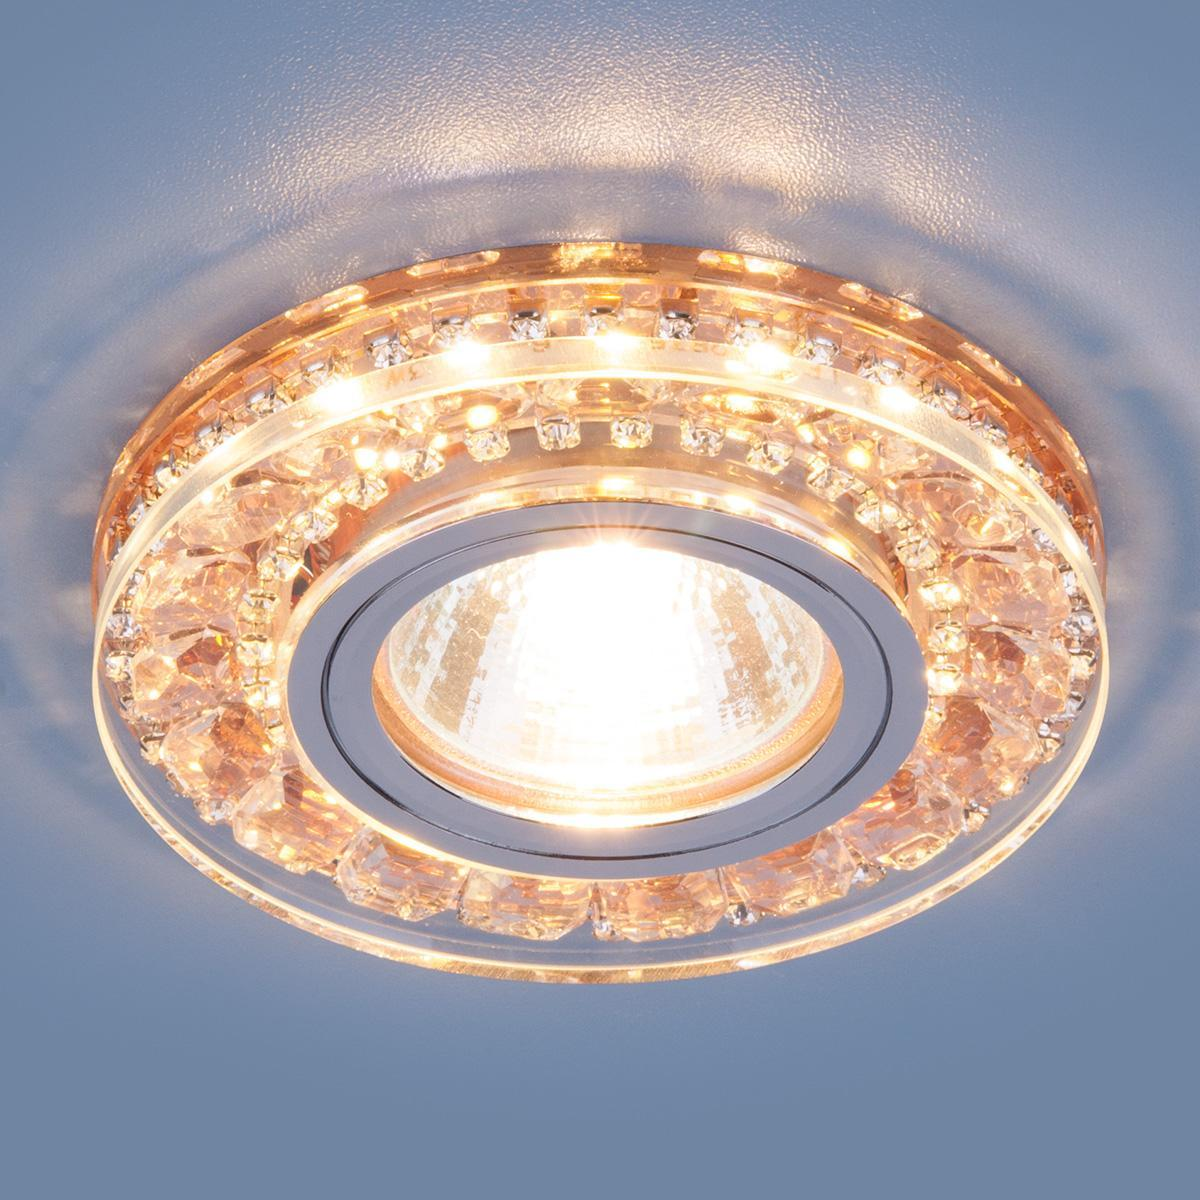 Фото - Встраиваемый светильник Elektrostandard 2192 MR16 GD шампань 4690389098857 cветильник галогенный de fran встраиваемый 1х50вт mr16 ip20 зел античное золото